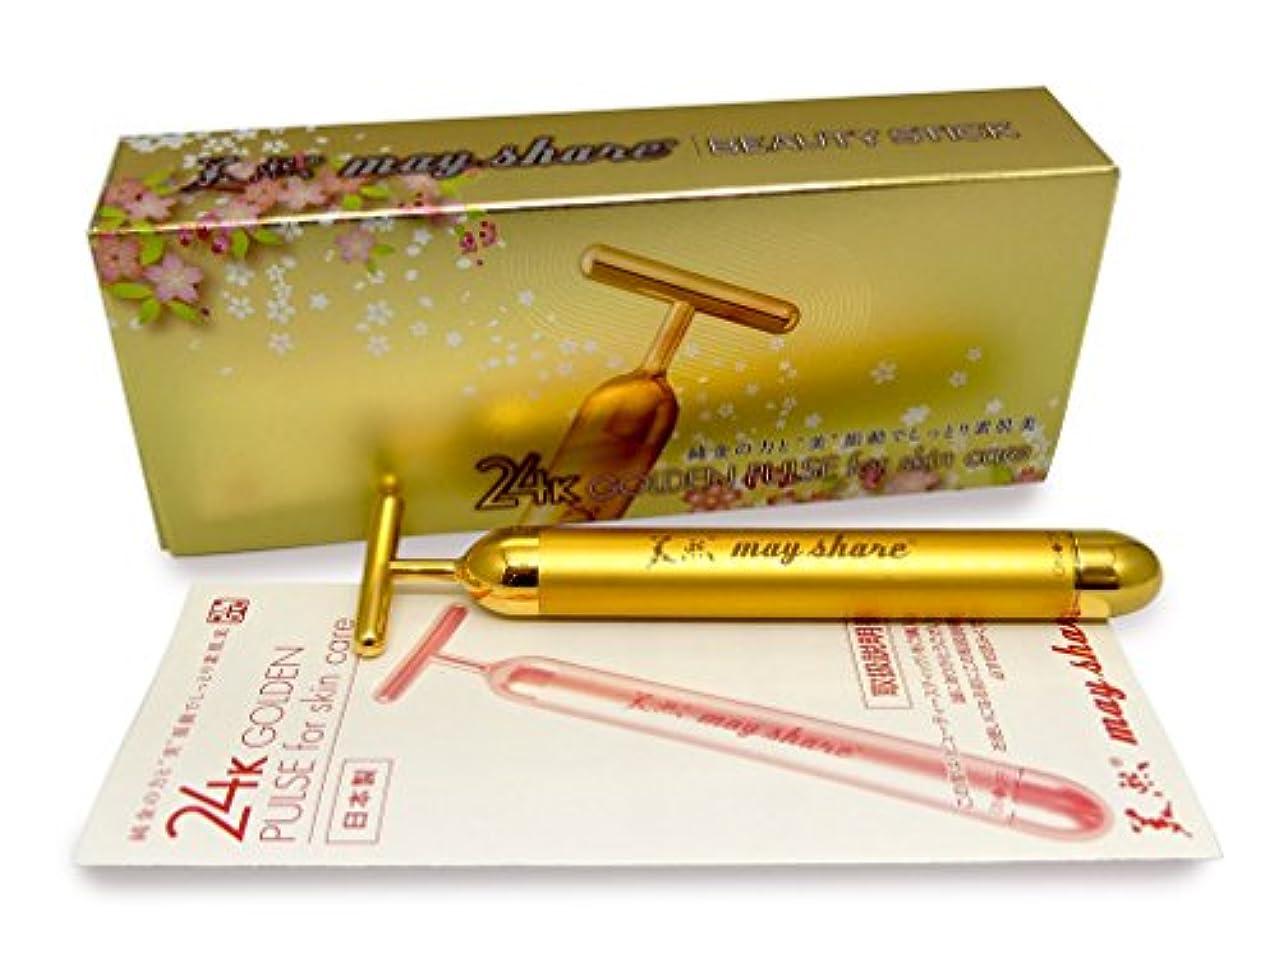 風邪をひく倍増バンジョー日本製 24Kゴールドビューティースティック(T型)Beauty Stick 黄金棒 MS-1